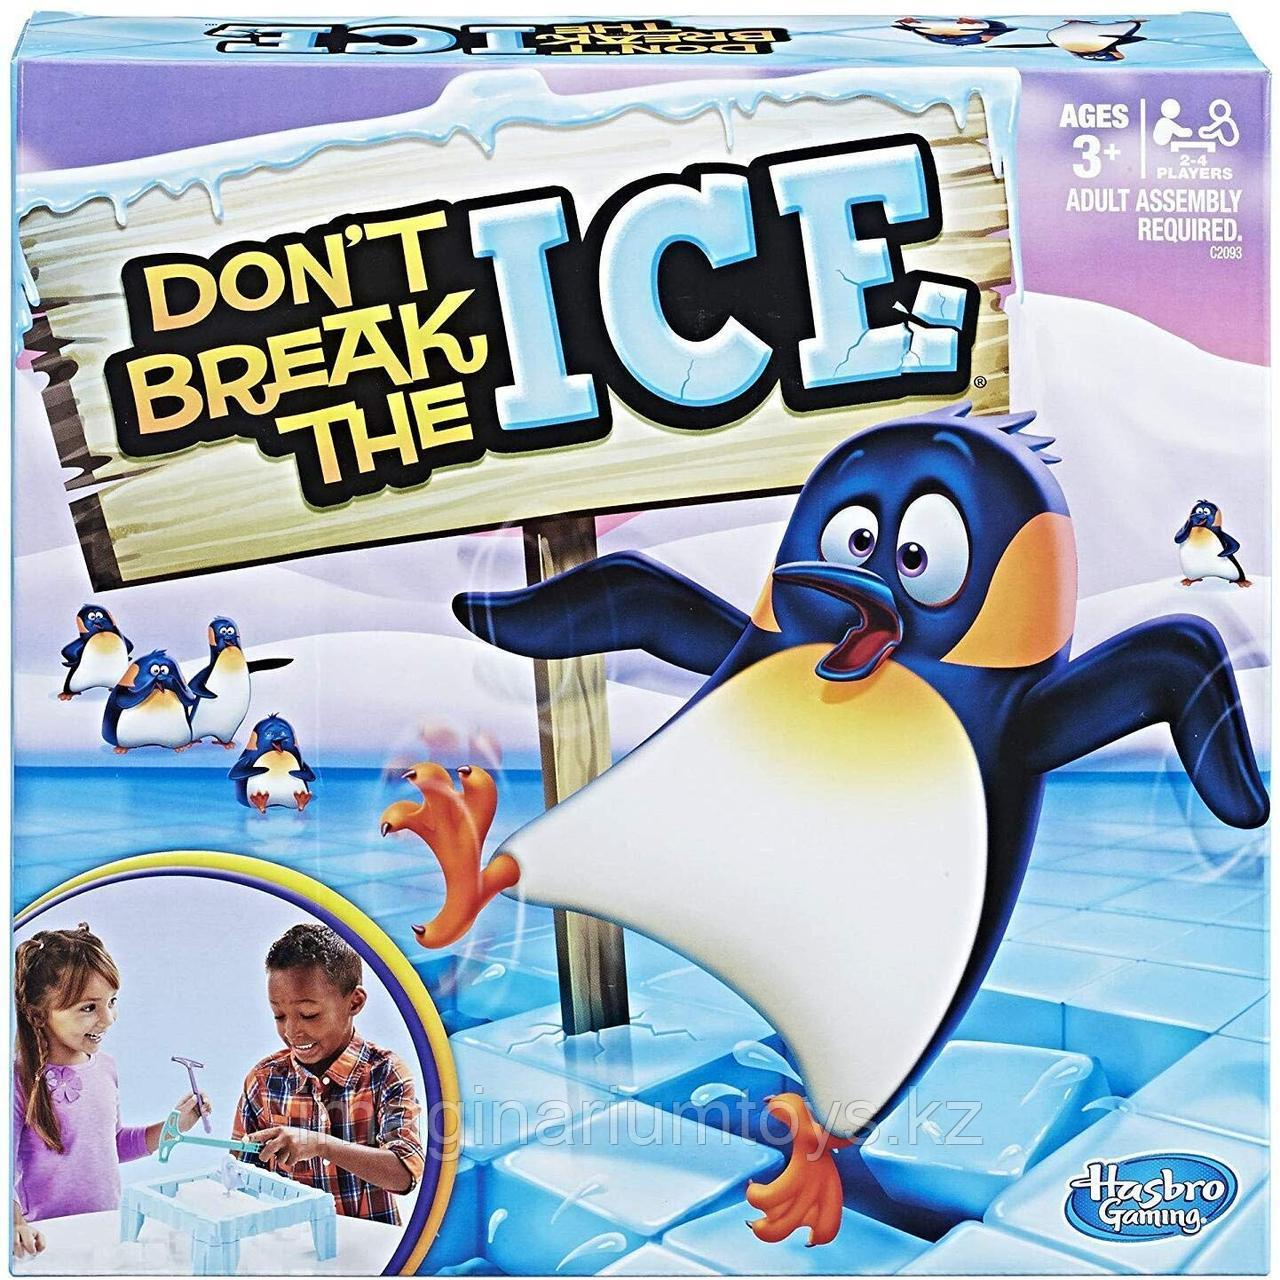 Развлекательная развивающая игра «Не сломай лед» Hasbro